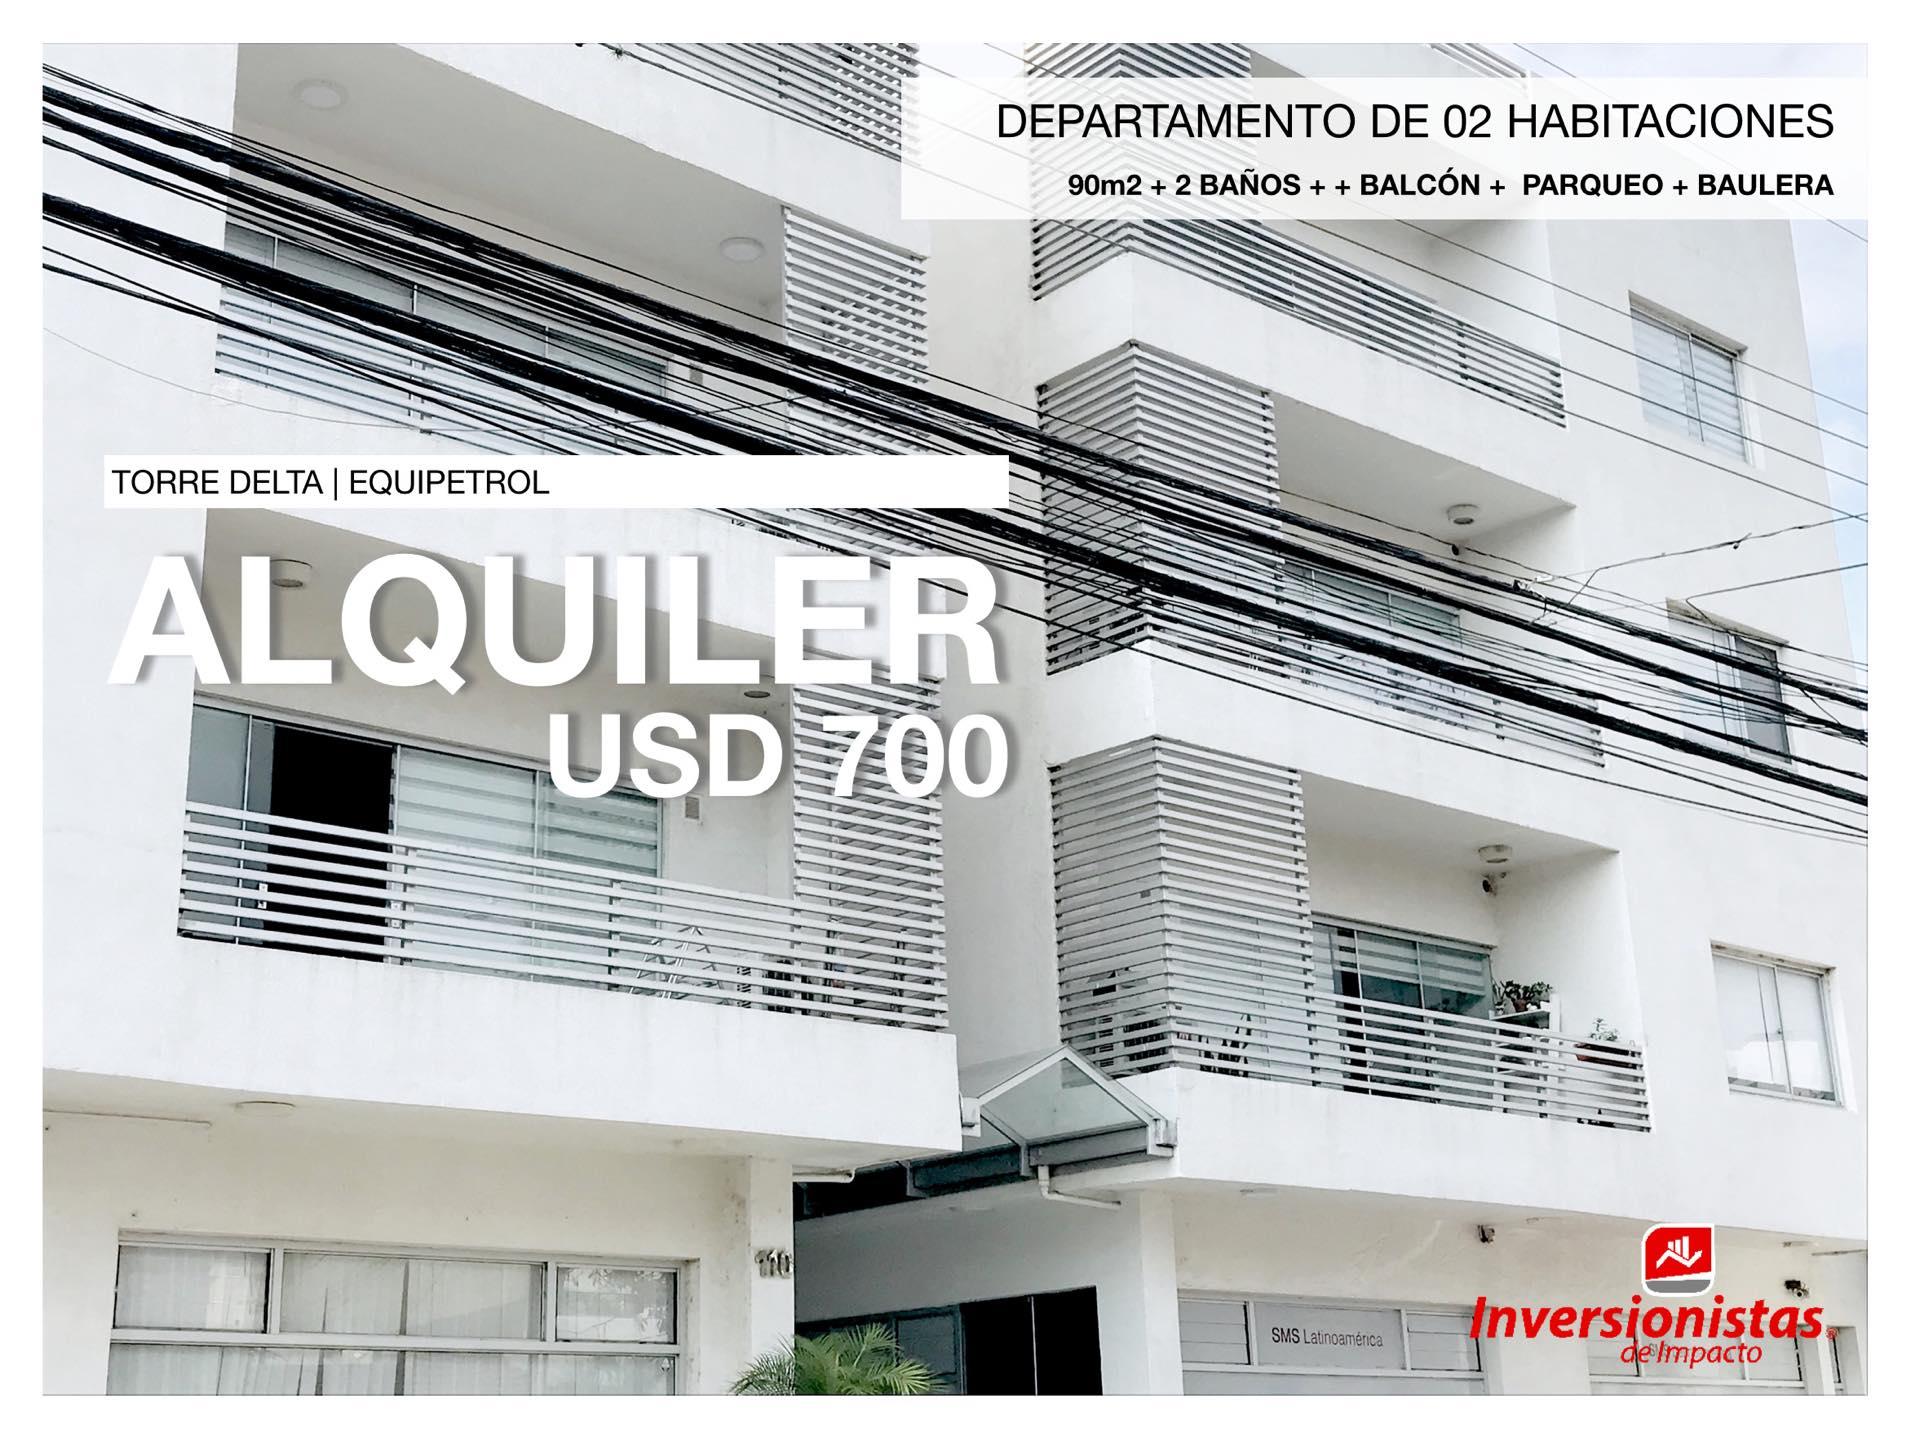 Departamento en Alquiler Condominio TORRE DELTA, EQUIPETROL, ubicación estratégica. Foto 1